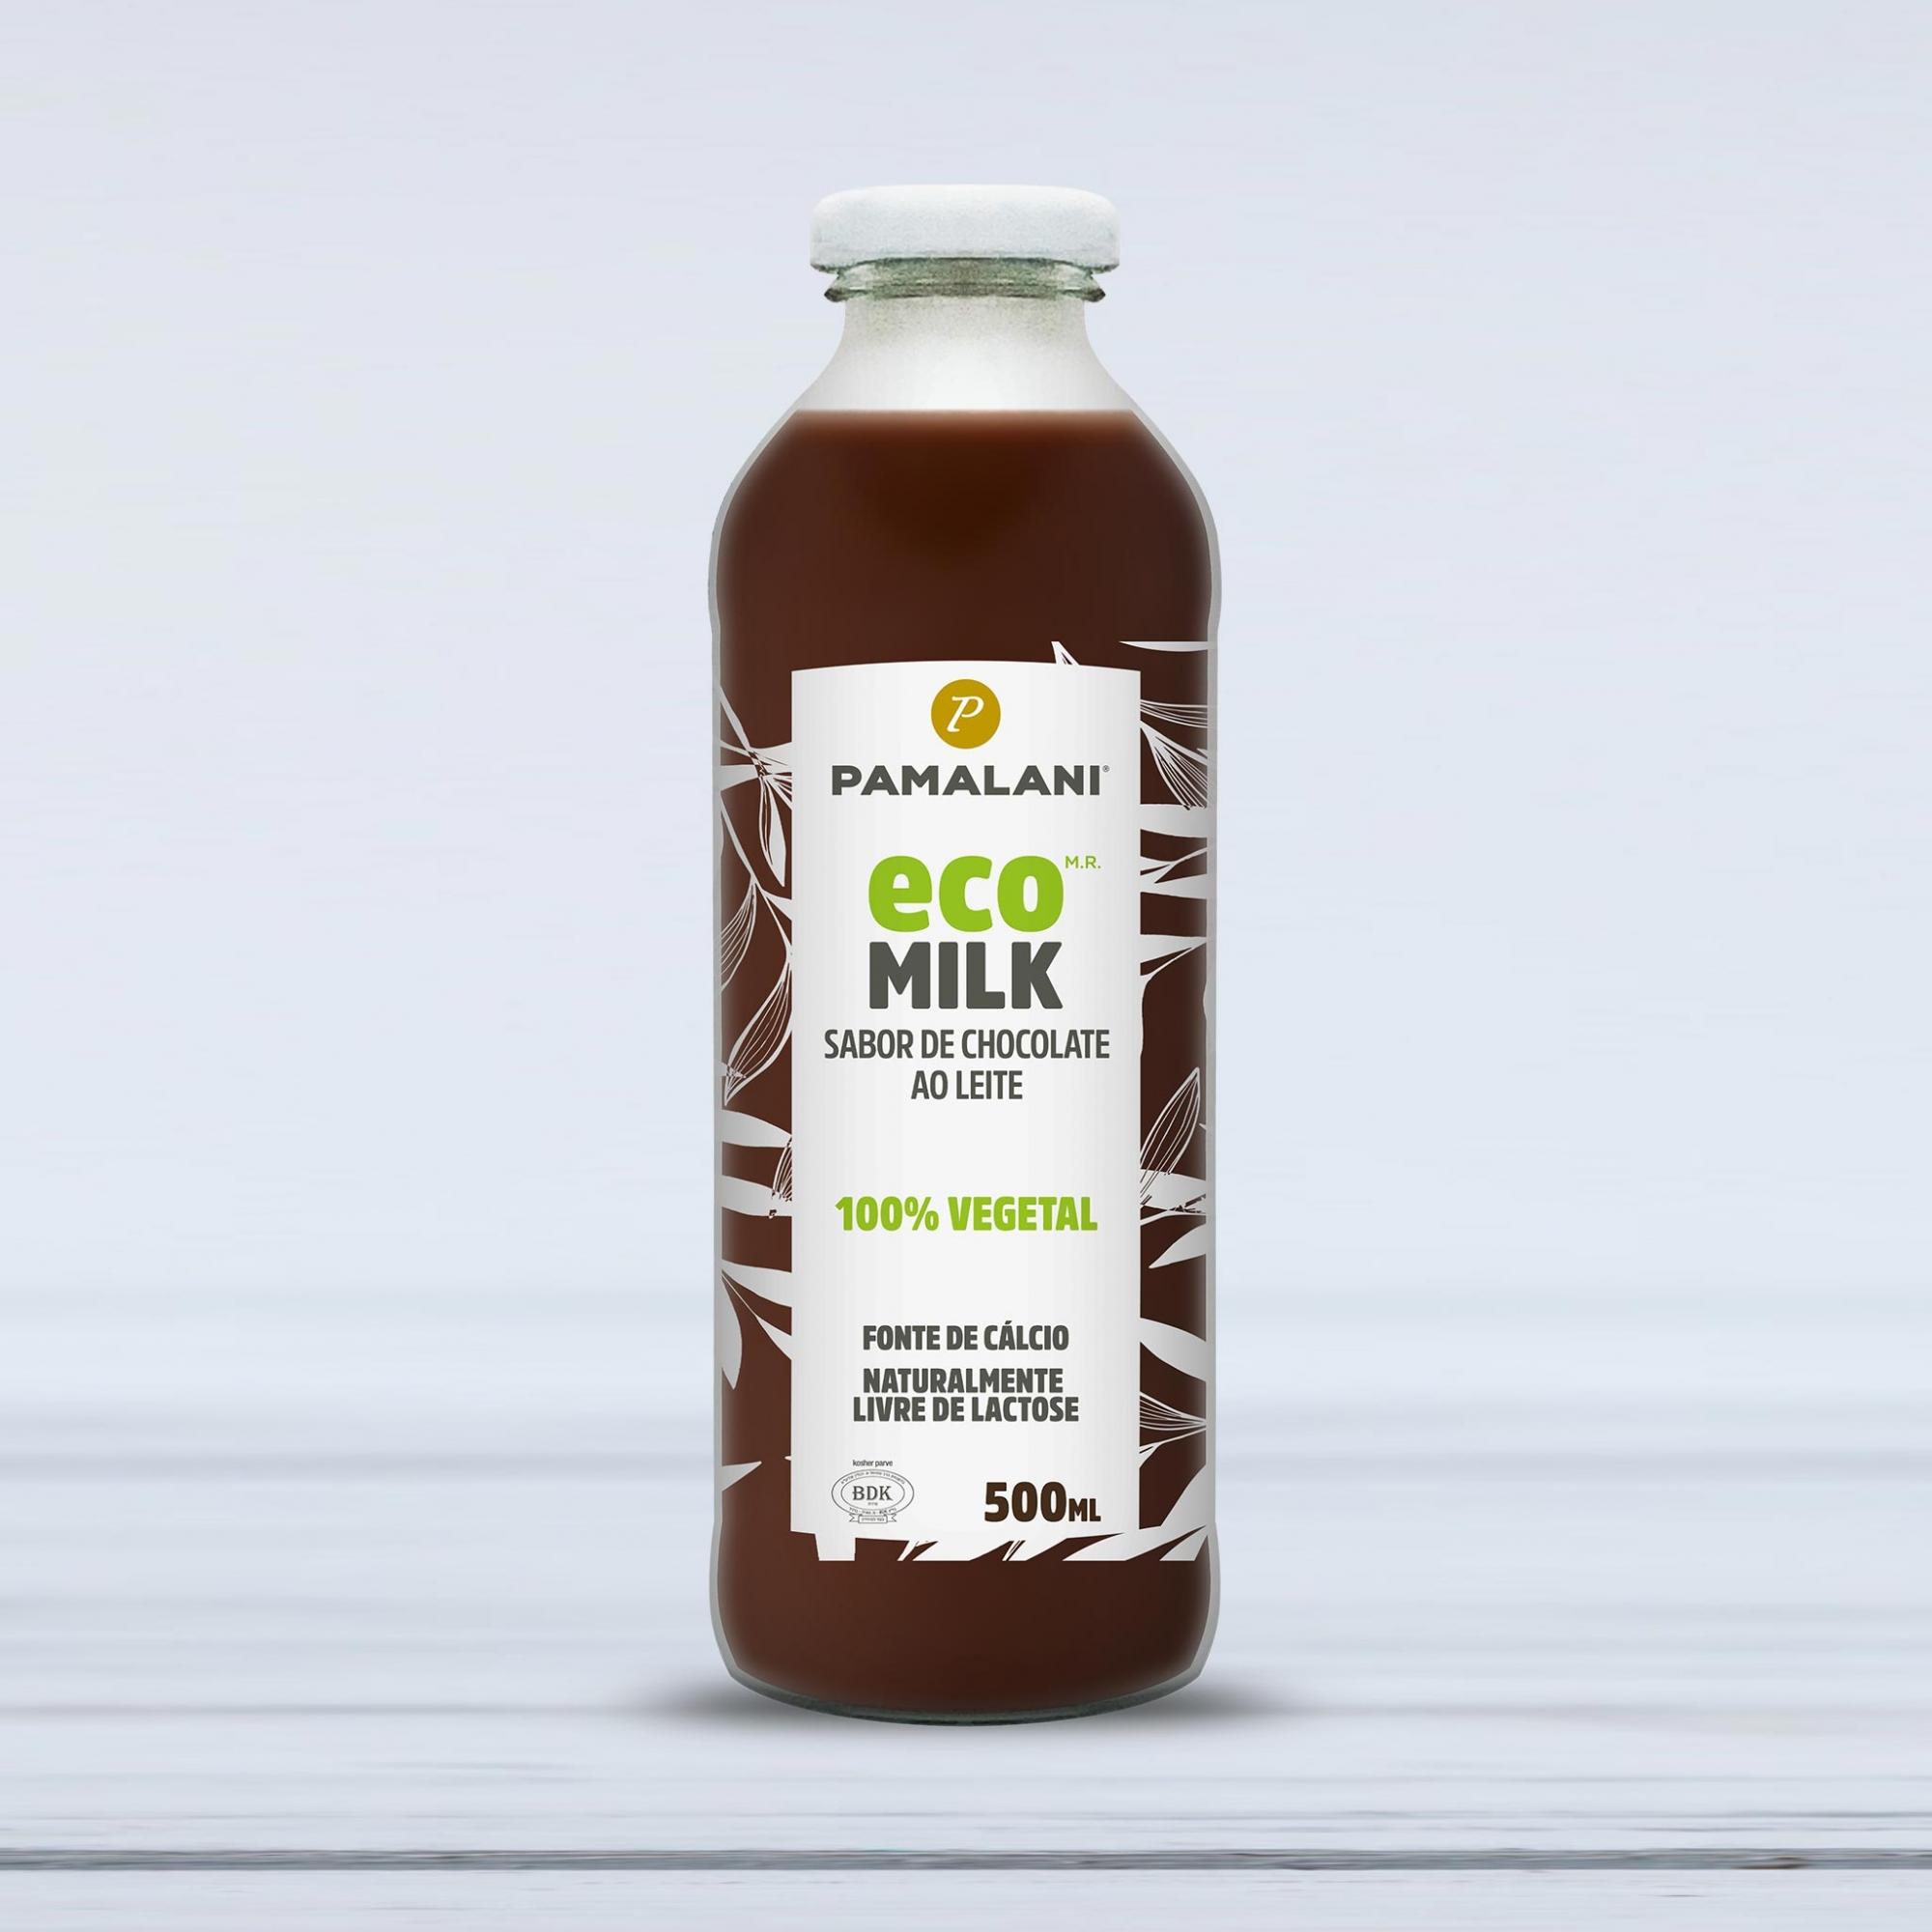 Eco Milk Sabor Chocolate ao Leite 100% vegetal 500ml